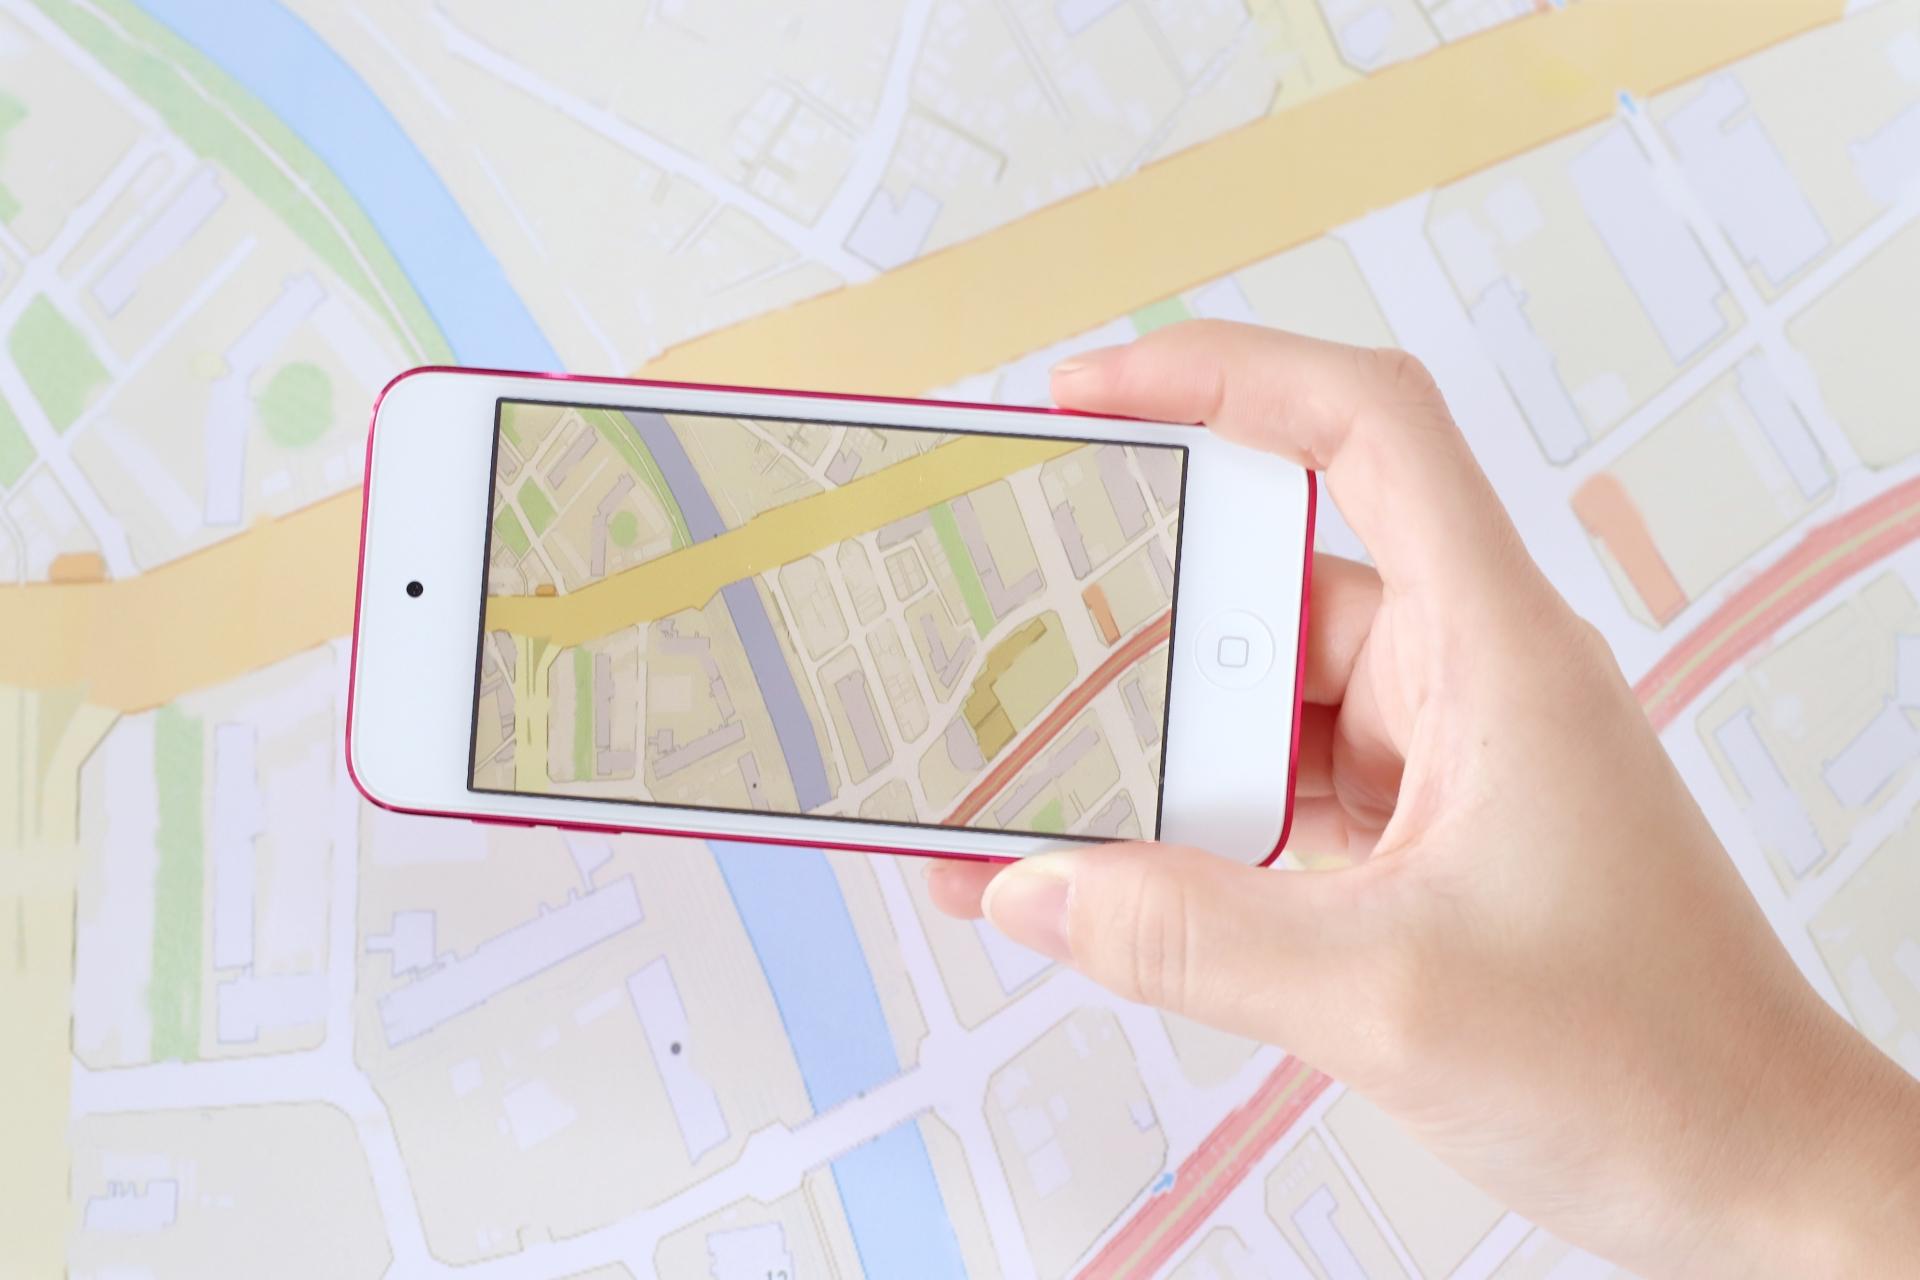 横断検索系旅行サイトまとめ 2020